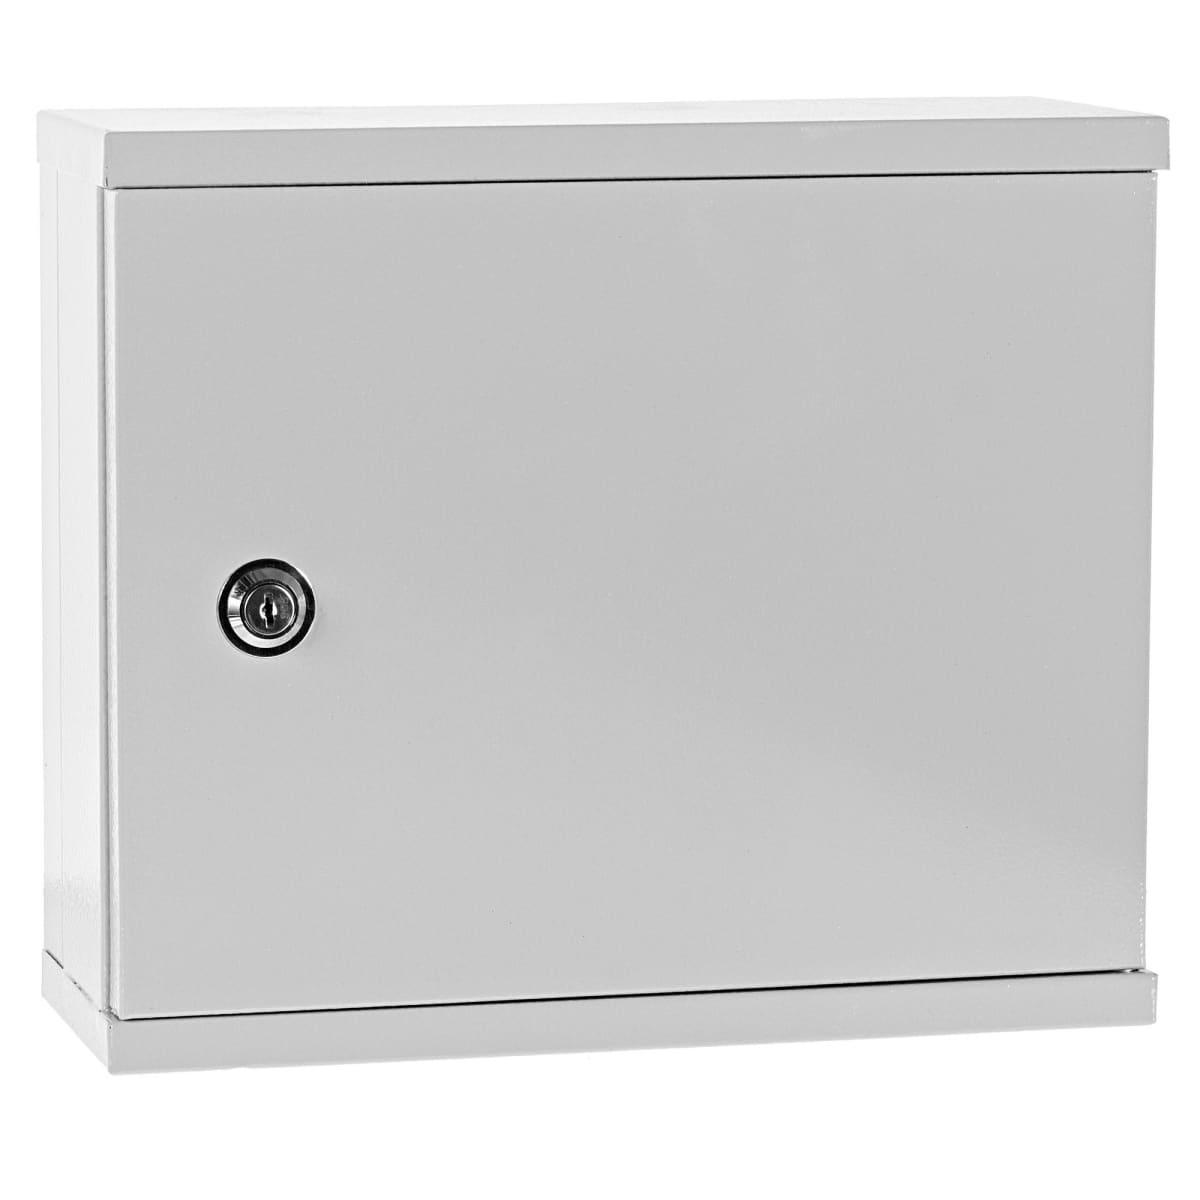 Ящик квартирный с DIN-рейкой Мэк 265x310x120 мм, металлический